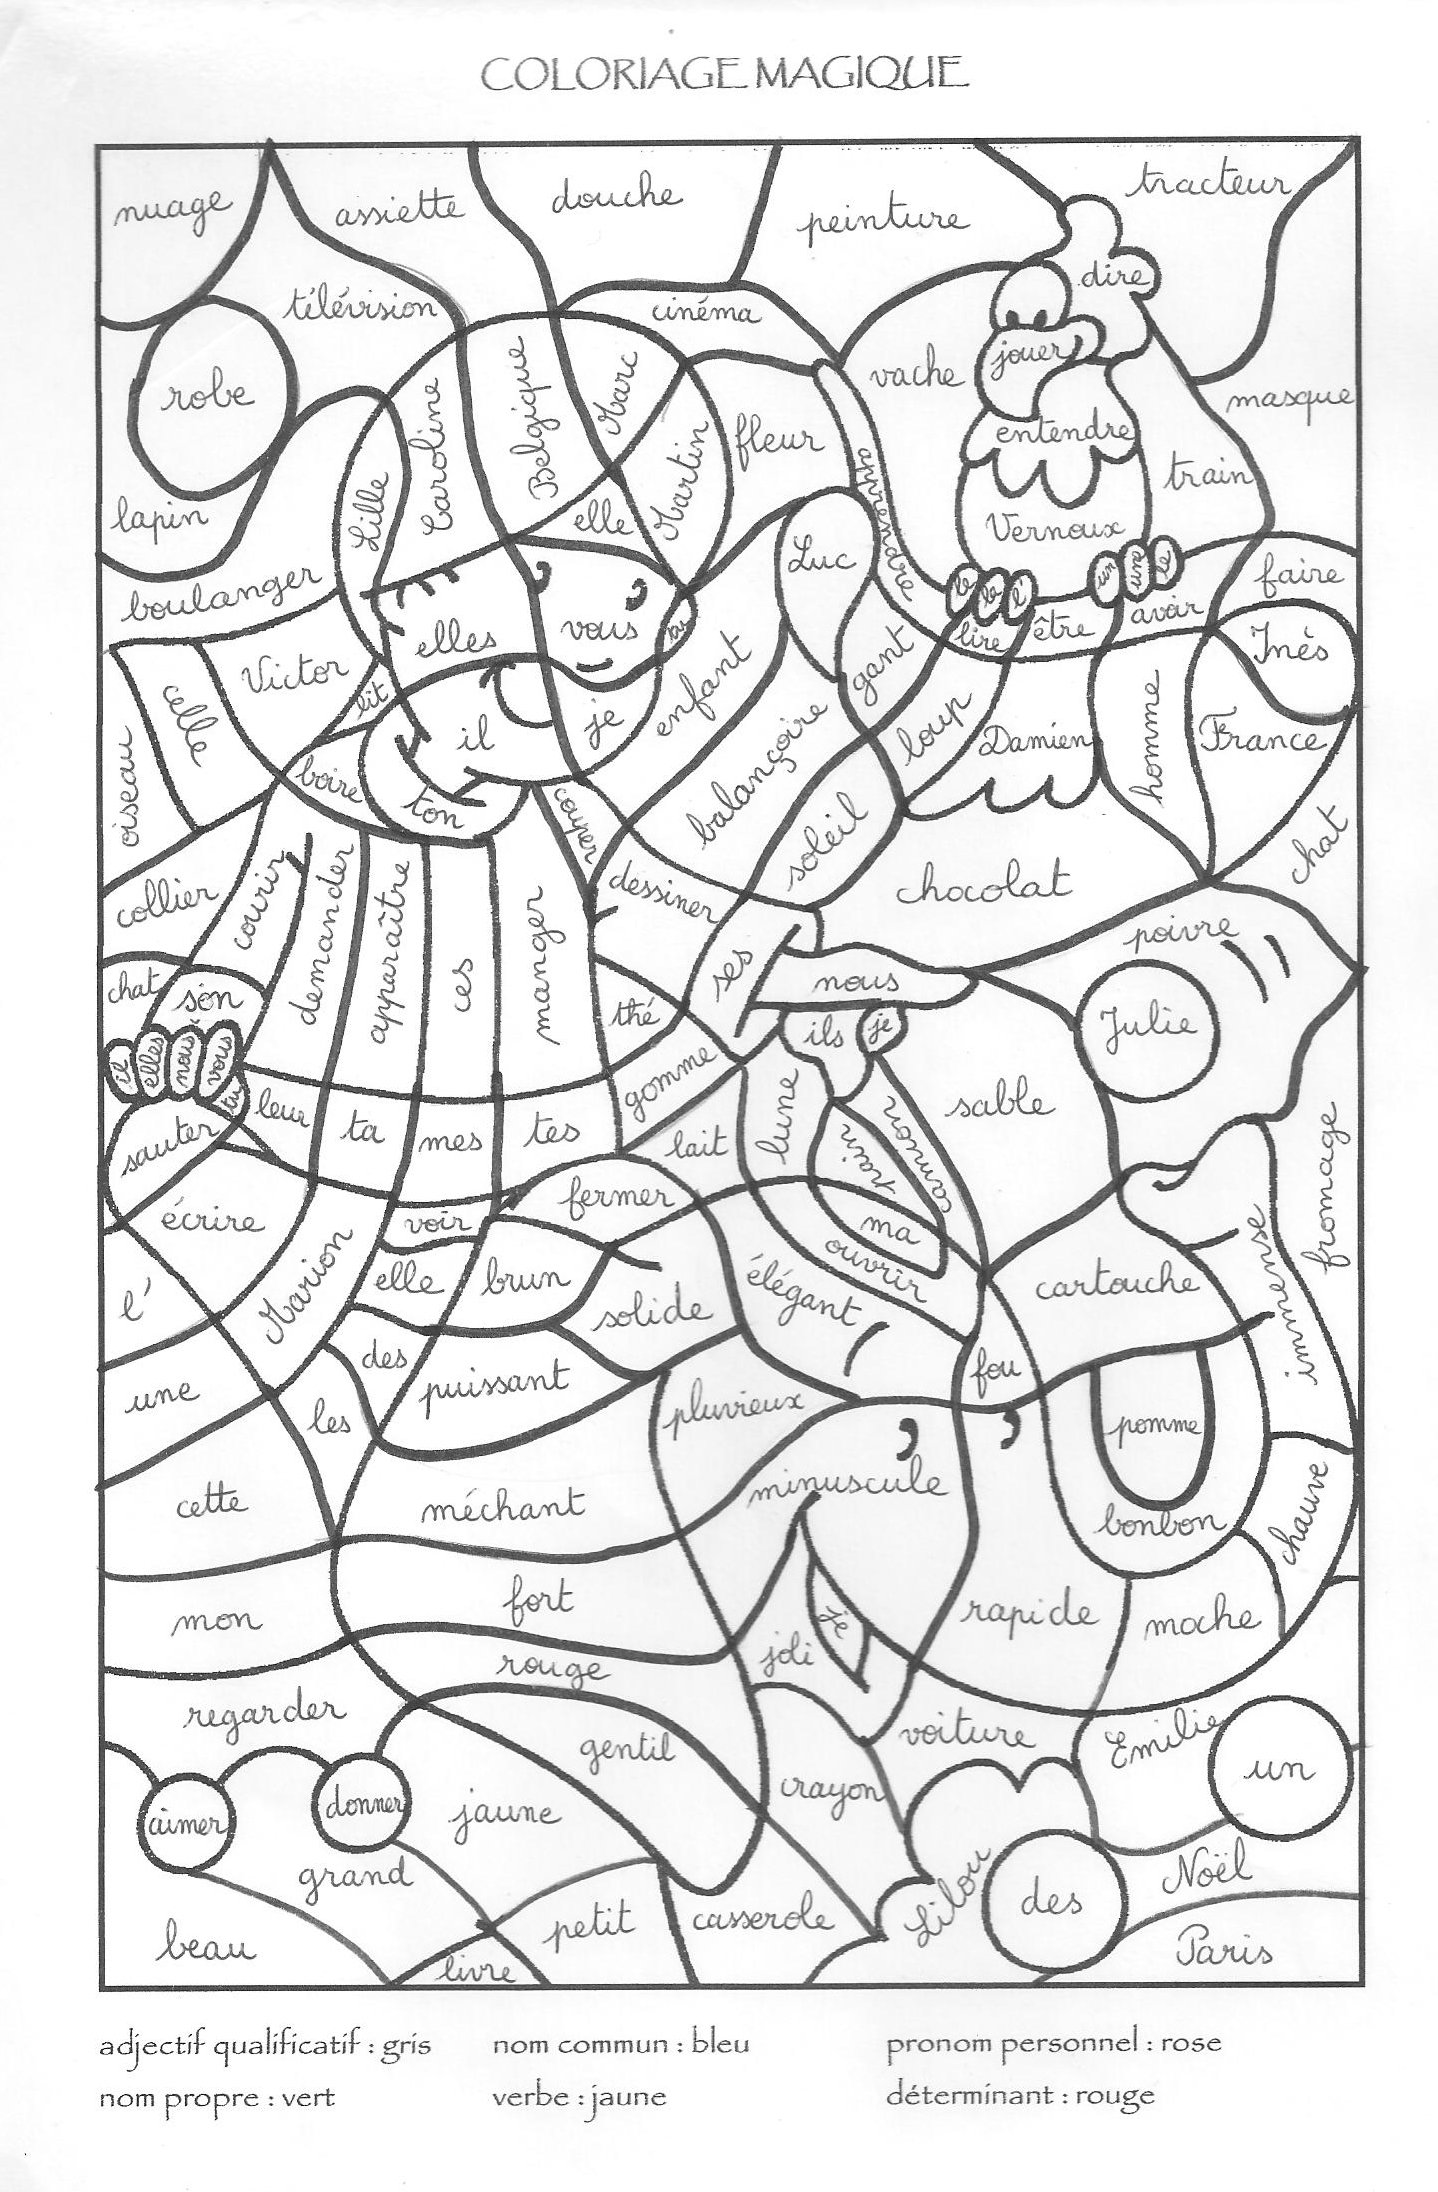 33 Dessins De Coloriage Magique Pokemon à Imprimer